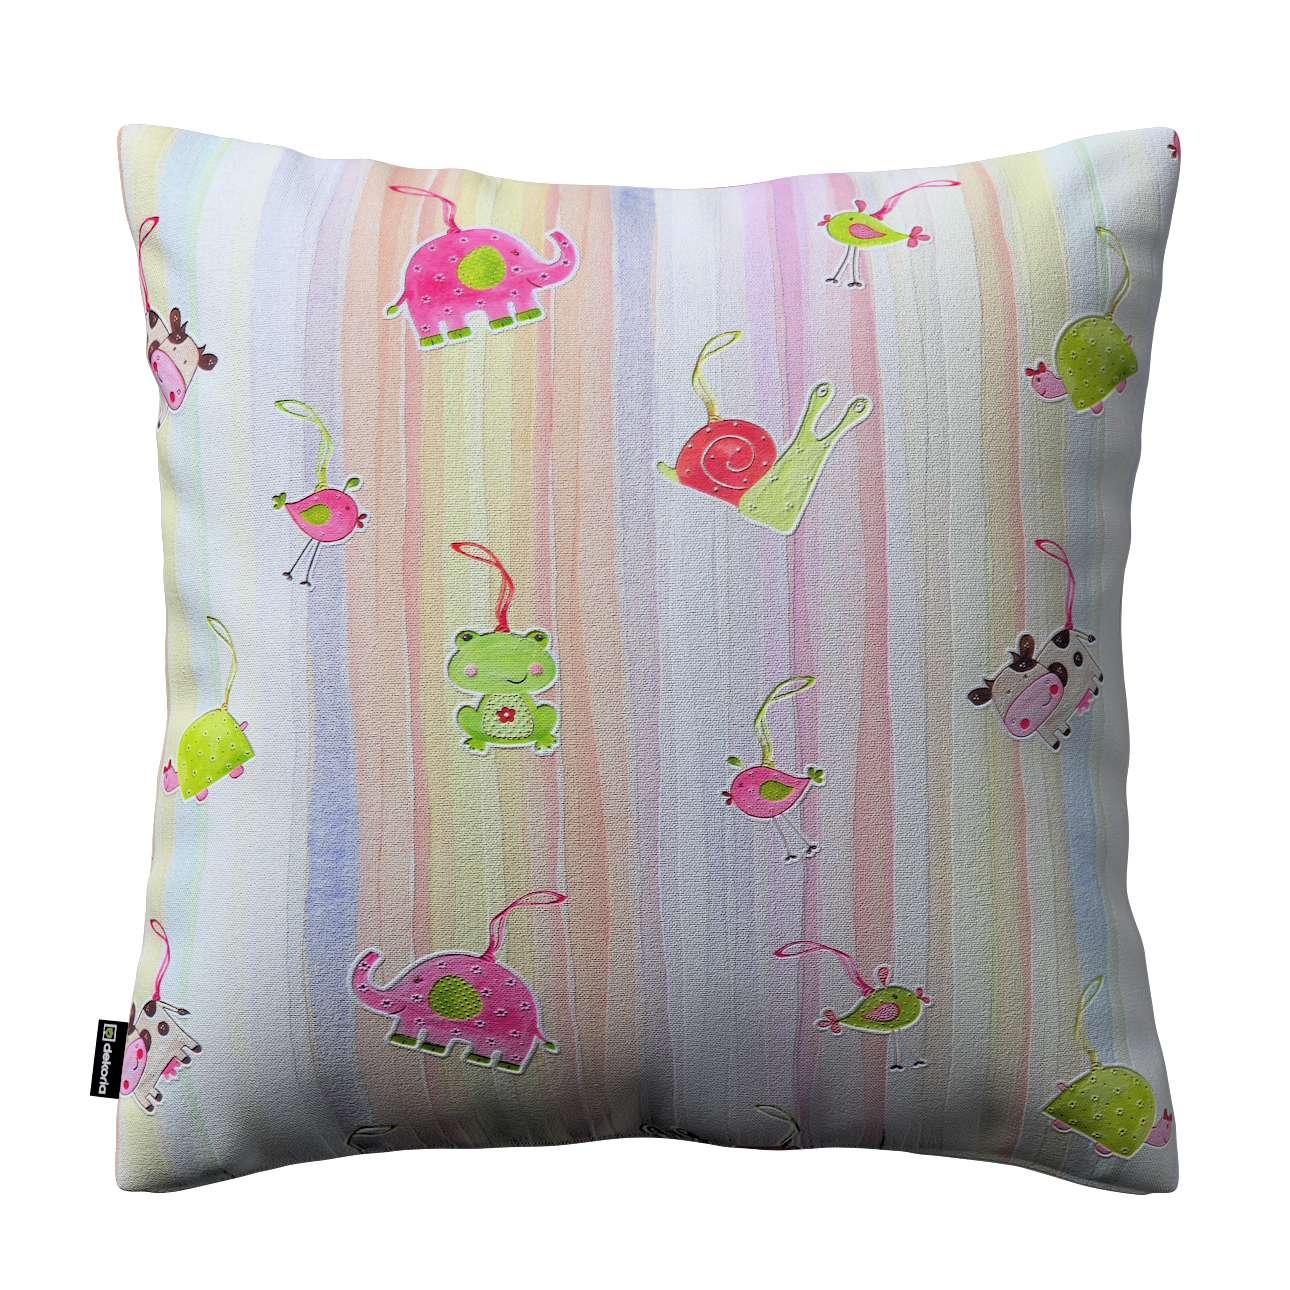 Poszewka Kinga na poduszkę w kolekcji Apanona do -50%, tkanina: 151-05